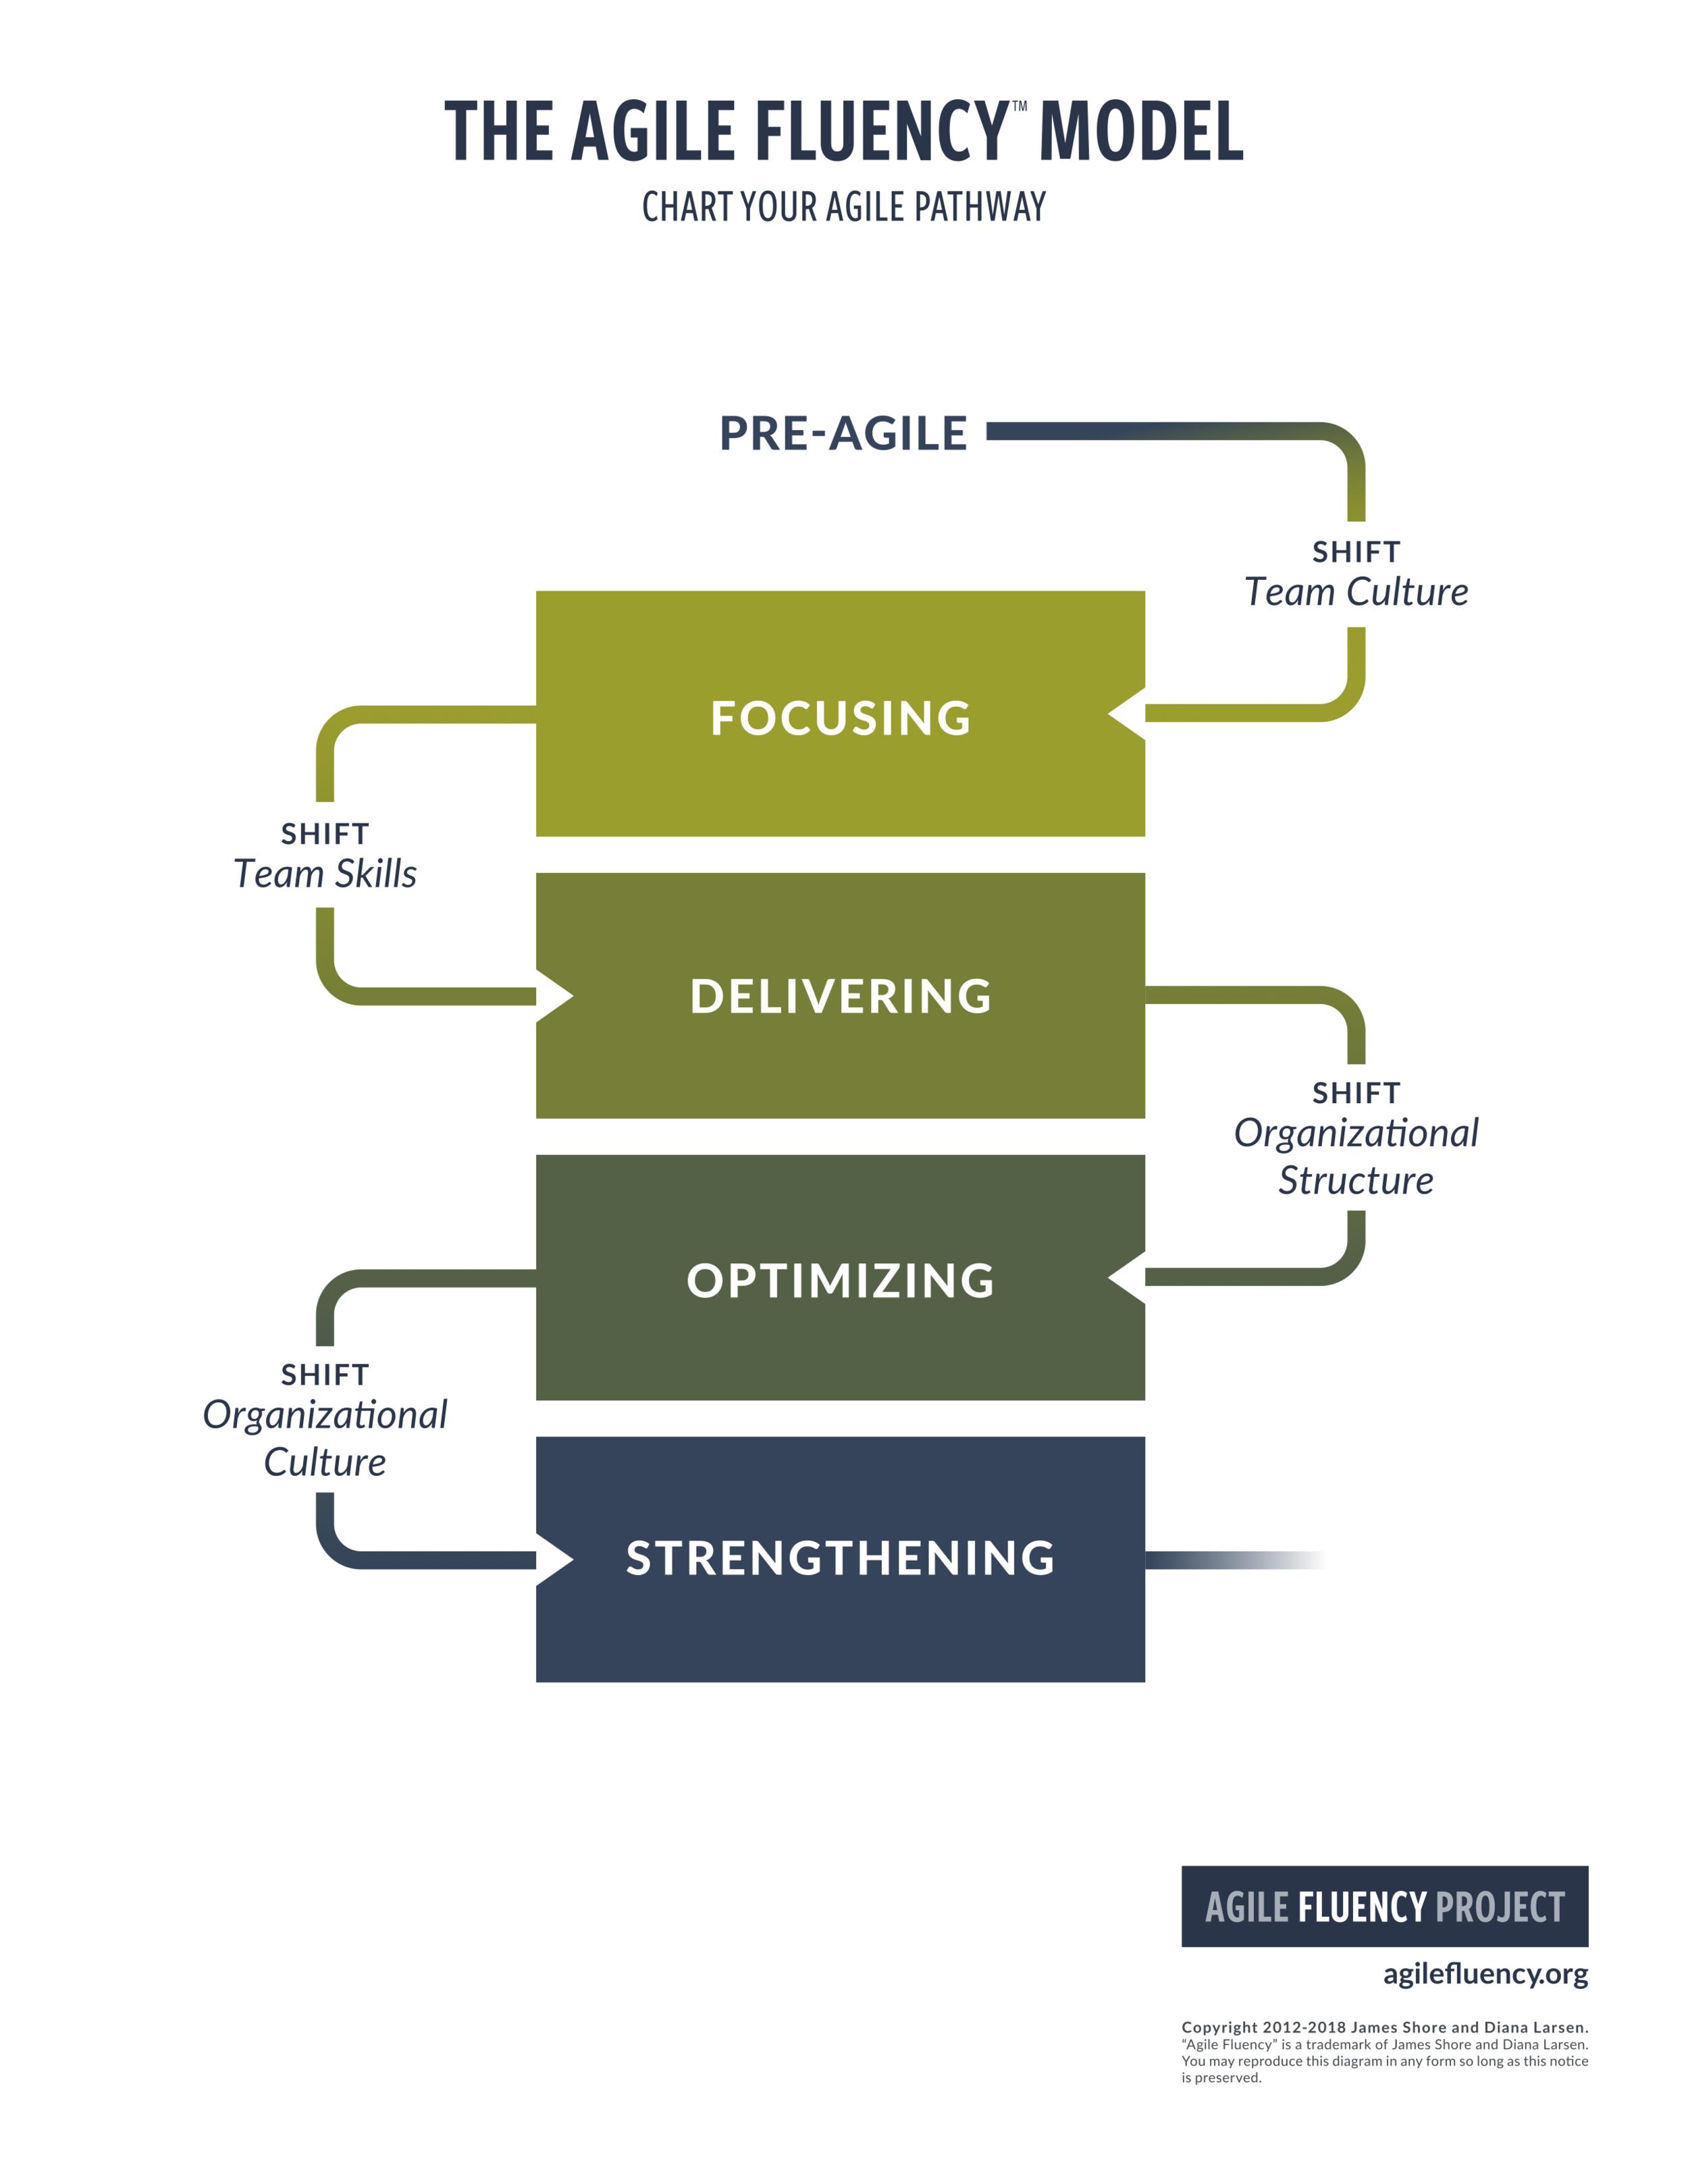 agile-fluency-model-v2-simple-portrait-page.png